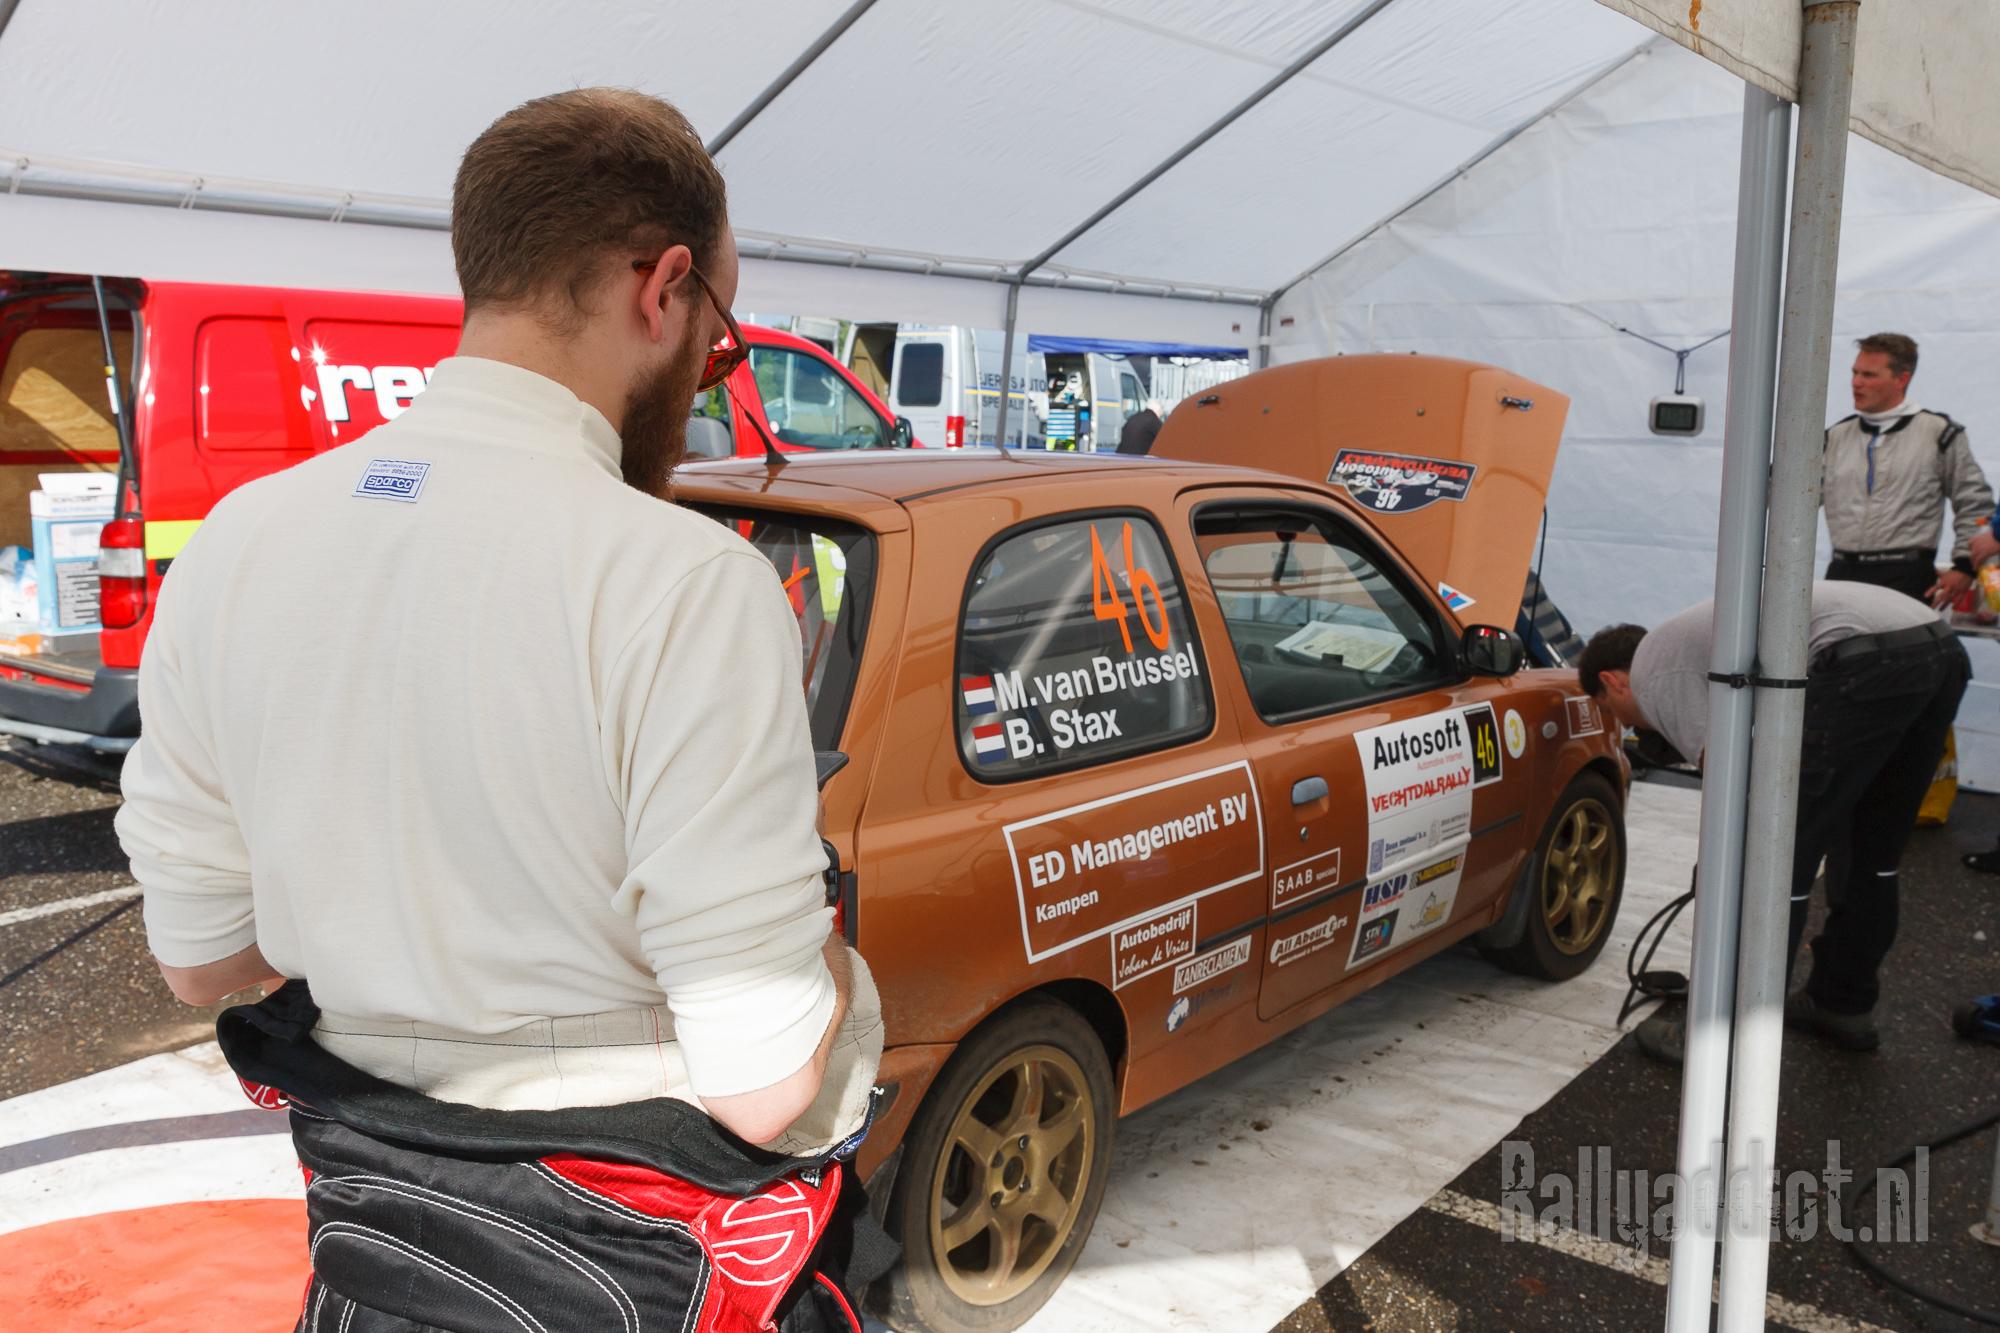 Ivo_Rijniersce-rallyaddict-vechtdal-IR1D0932